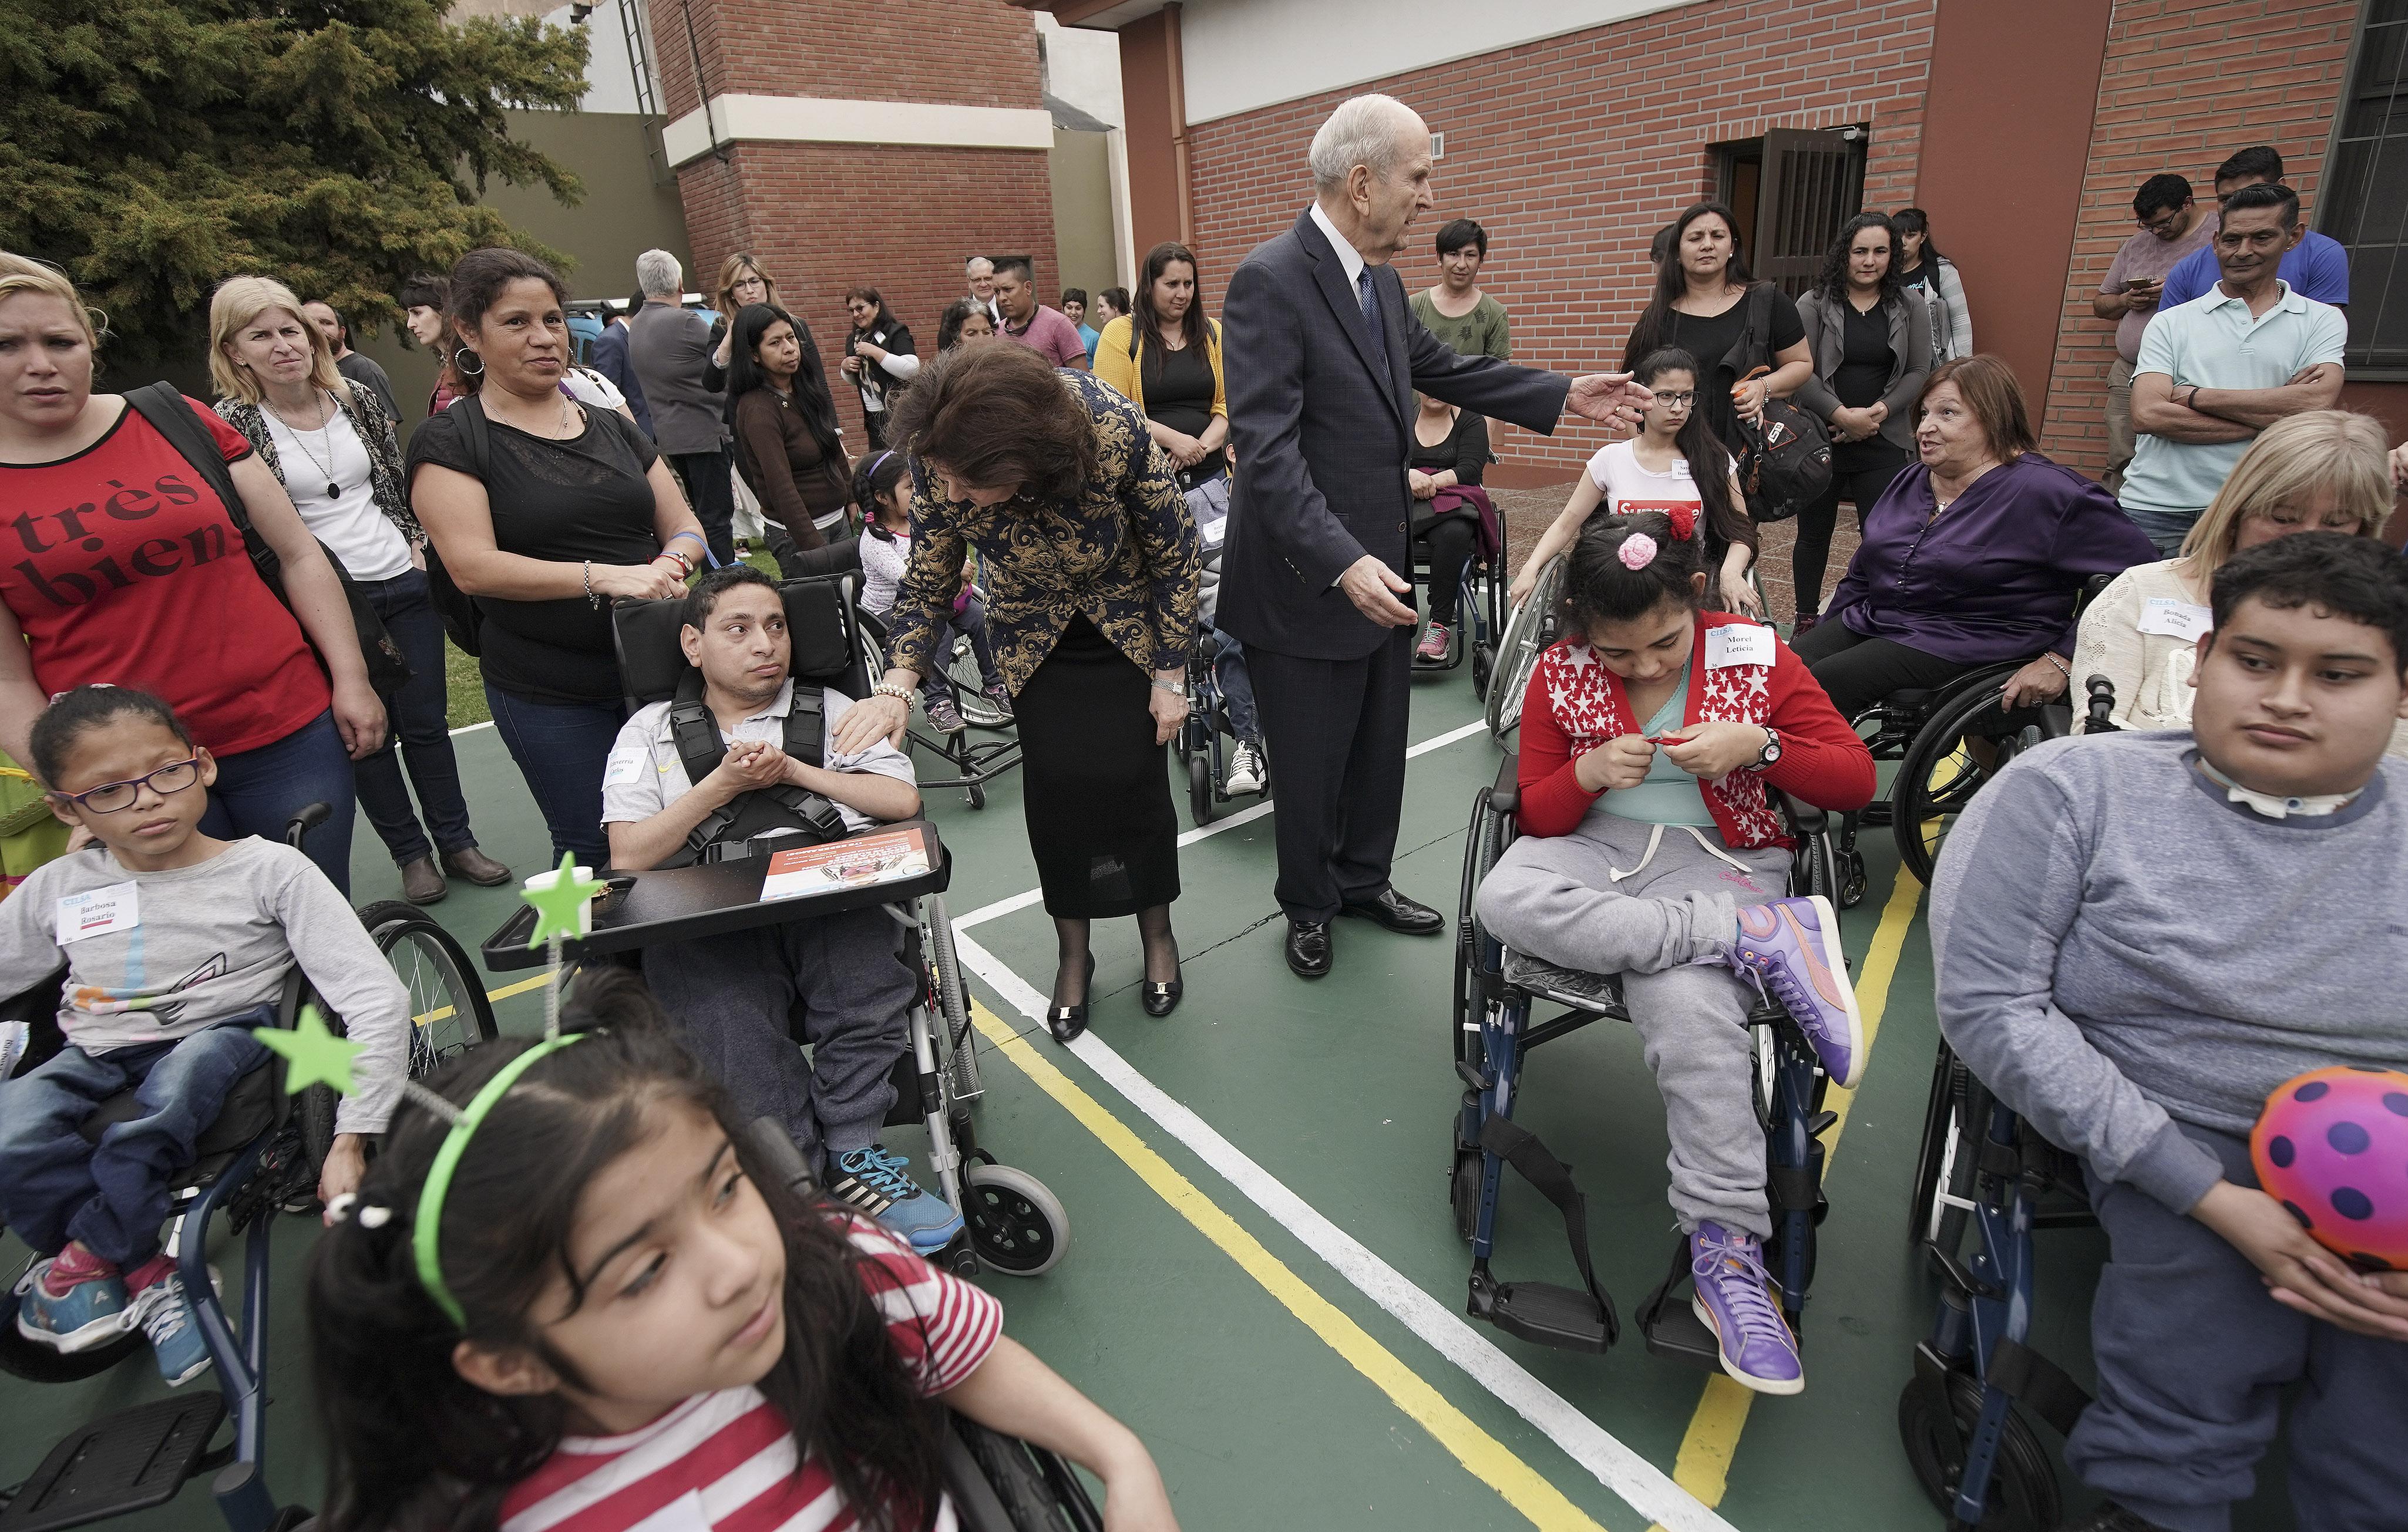 Presidente Russell M. Nelson, de La Iglesia de Jesucristo de los Santos de los Últimos Días, y su esposa, la hermana Wendy Nelson, se paran con los destinatarios después de que Latter-day Saint Charities donaron las sillas de ruedas en Buenos Aires, Argentina, el miércoles 28 de agosto de 2019.